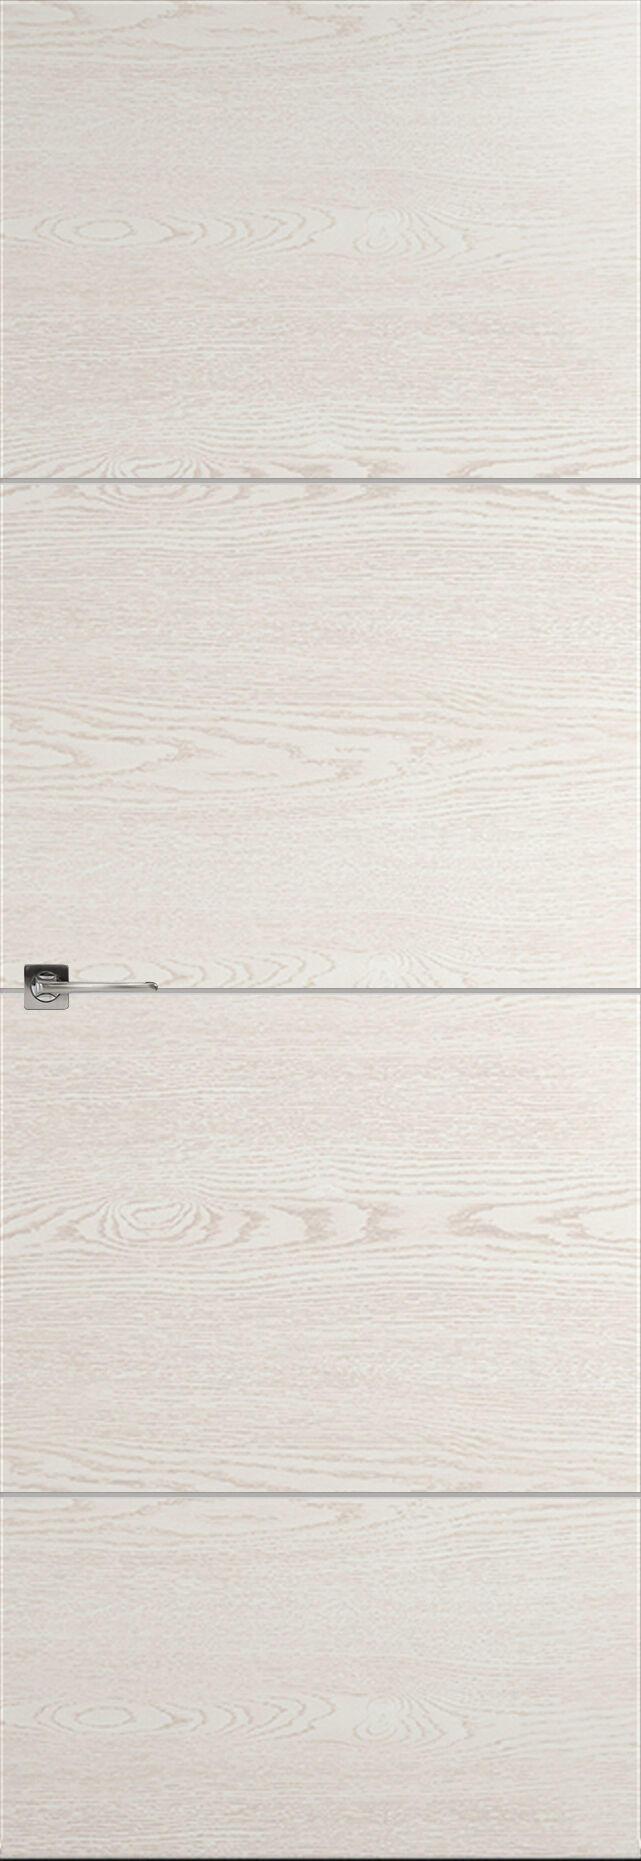 Tivoli Г-2 Невидимка цвет - Белый ясень Без стекла (ДГ)